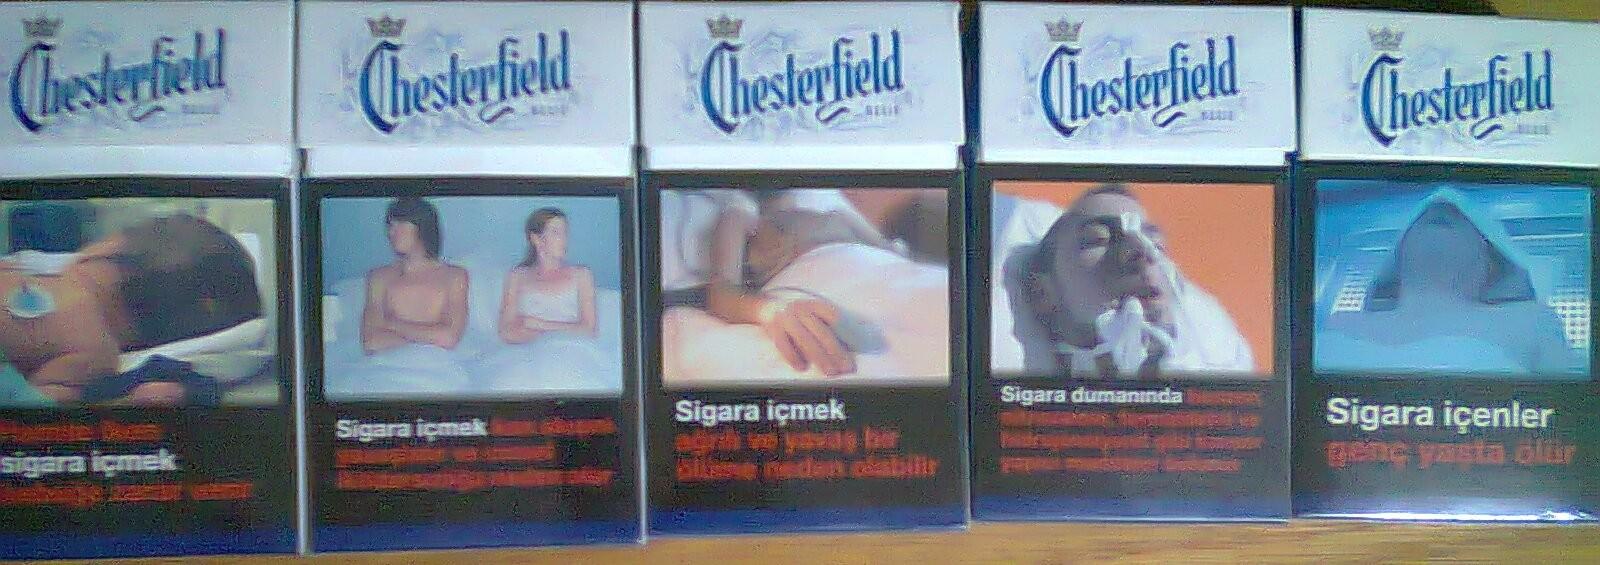 Chesterfield Sayfa 4 Uludağ Sözlük